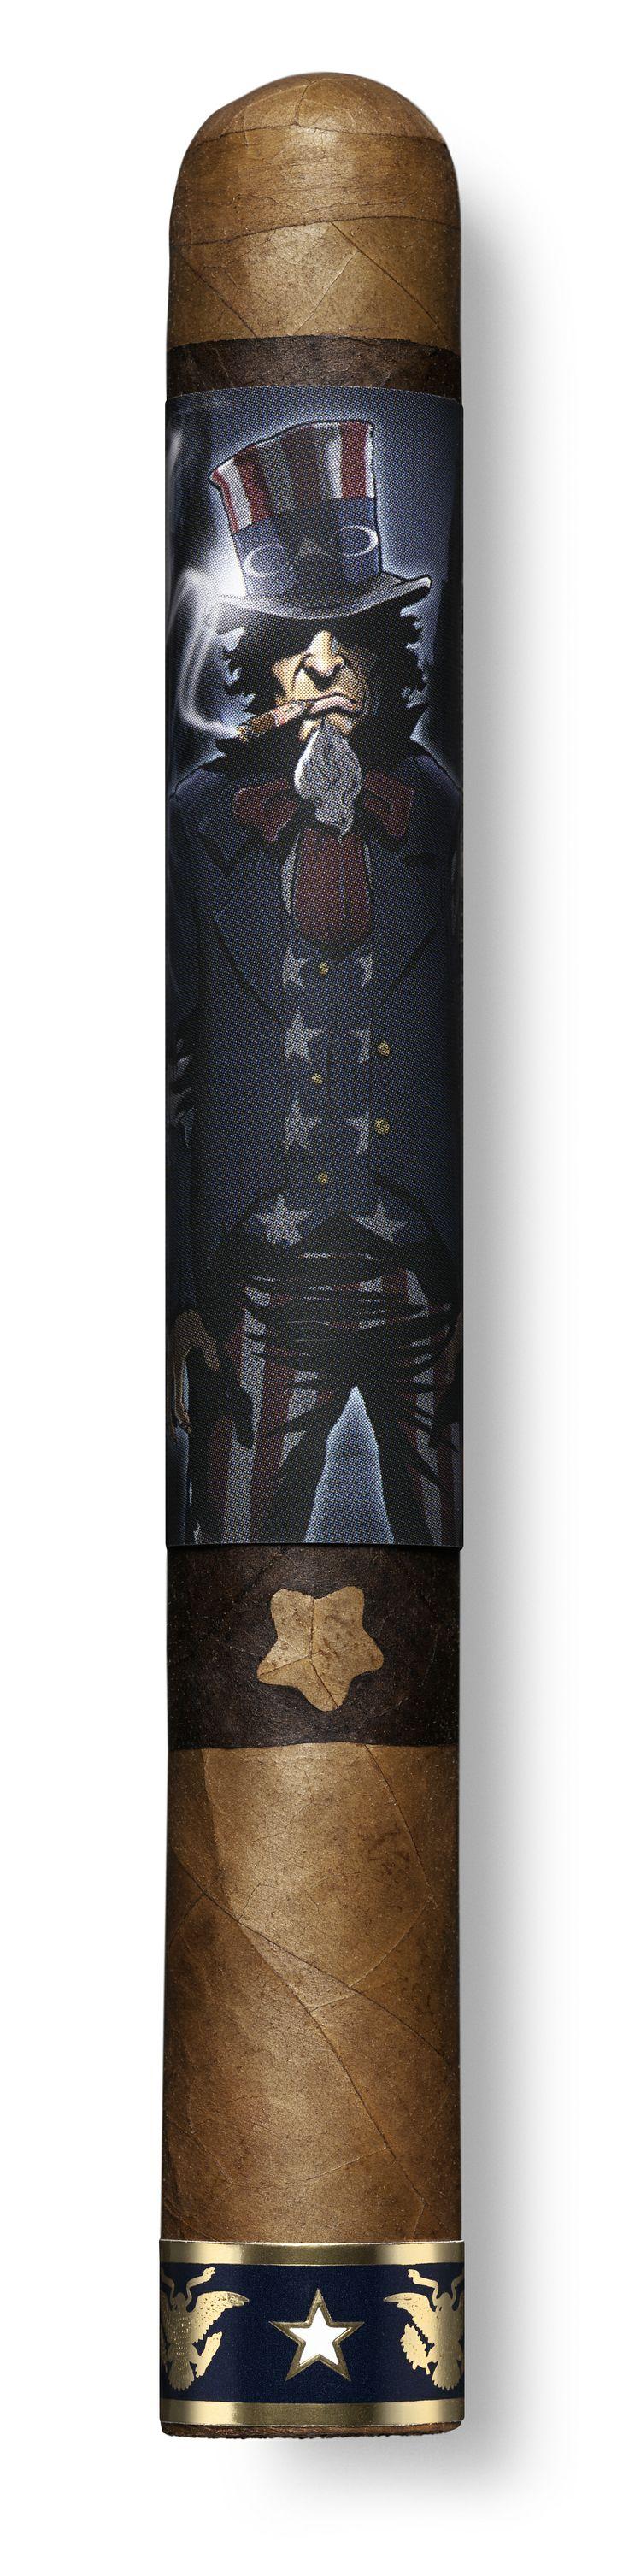 CAO Sinister Sam Cigar, a new twist on CAO America. http://cigarczars.com/press/cao-sinister-sam-cigars.htm    (Photo courtesy of General Cigar)